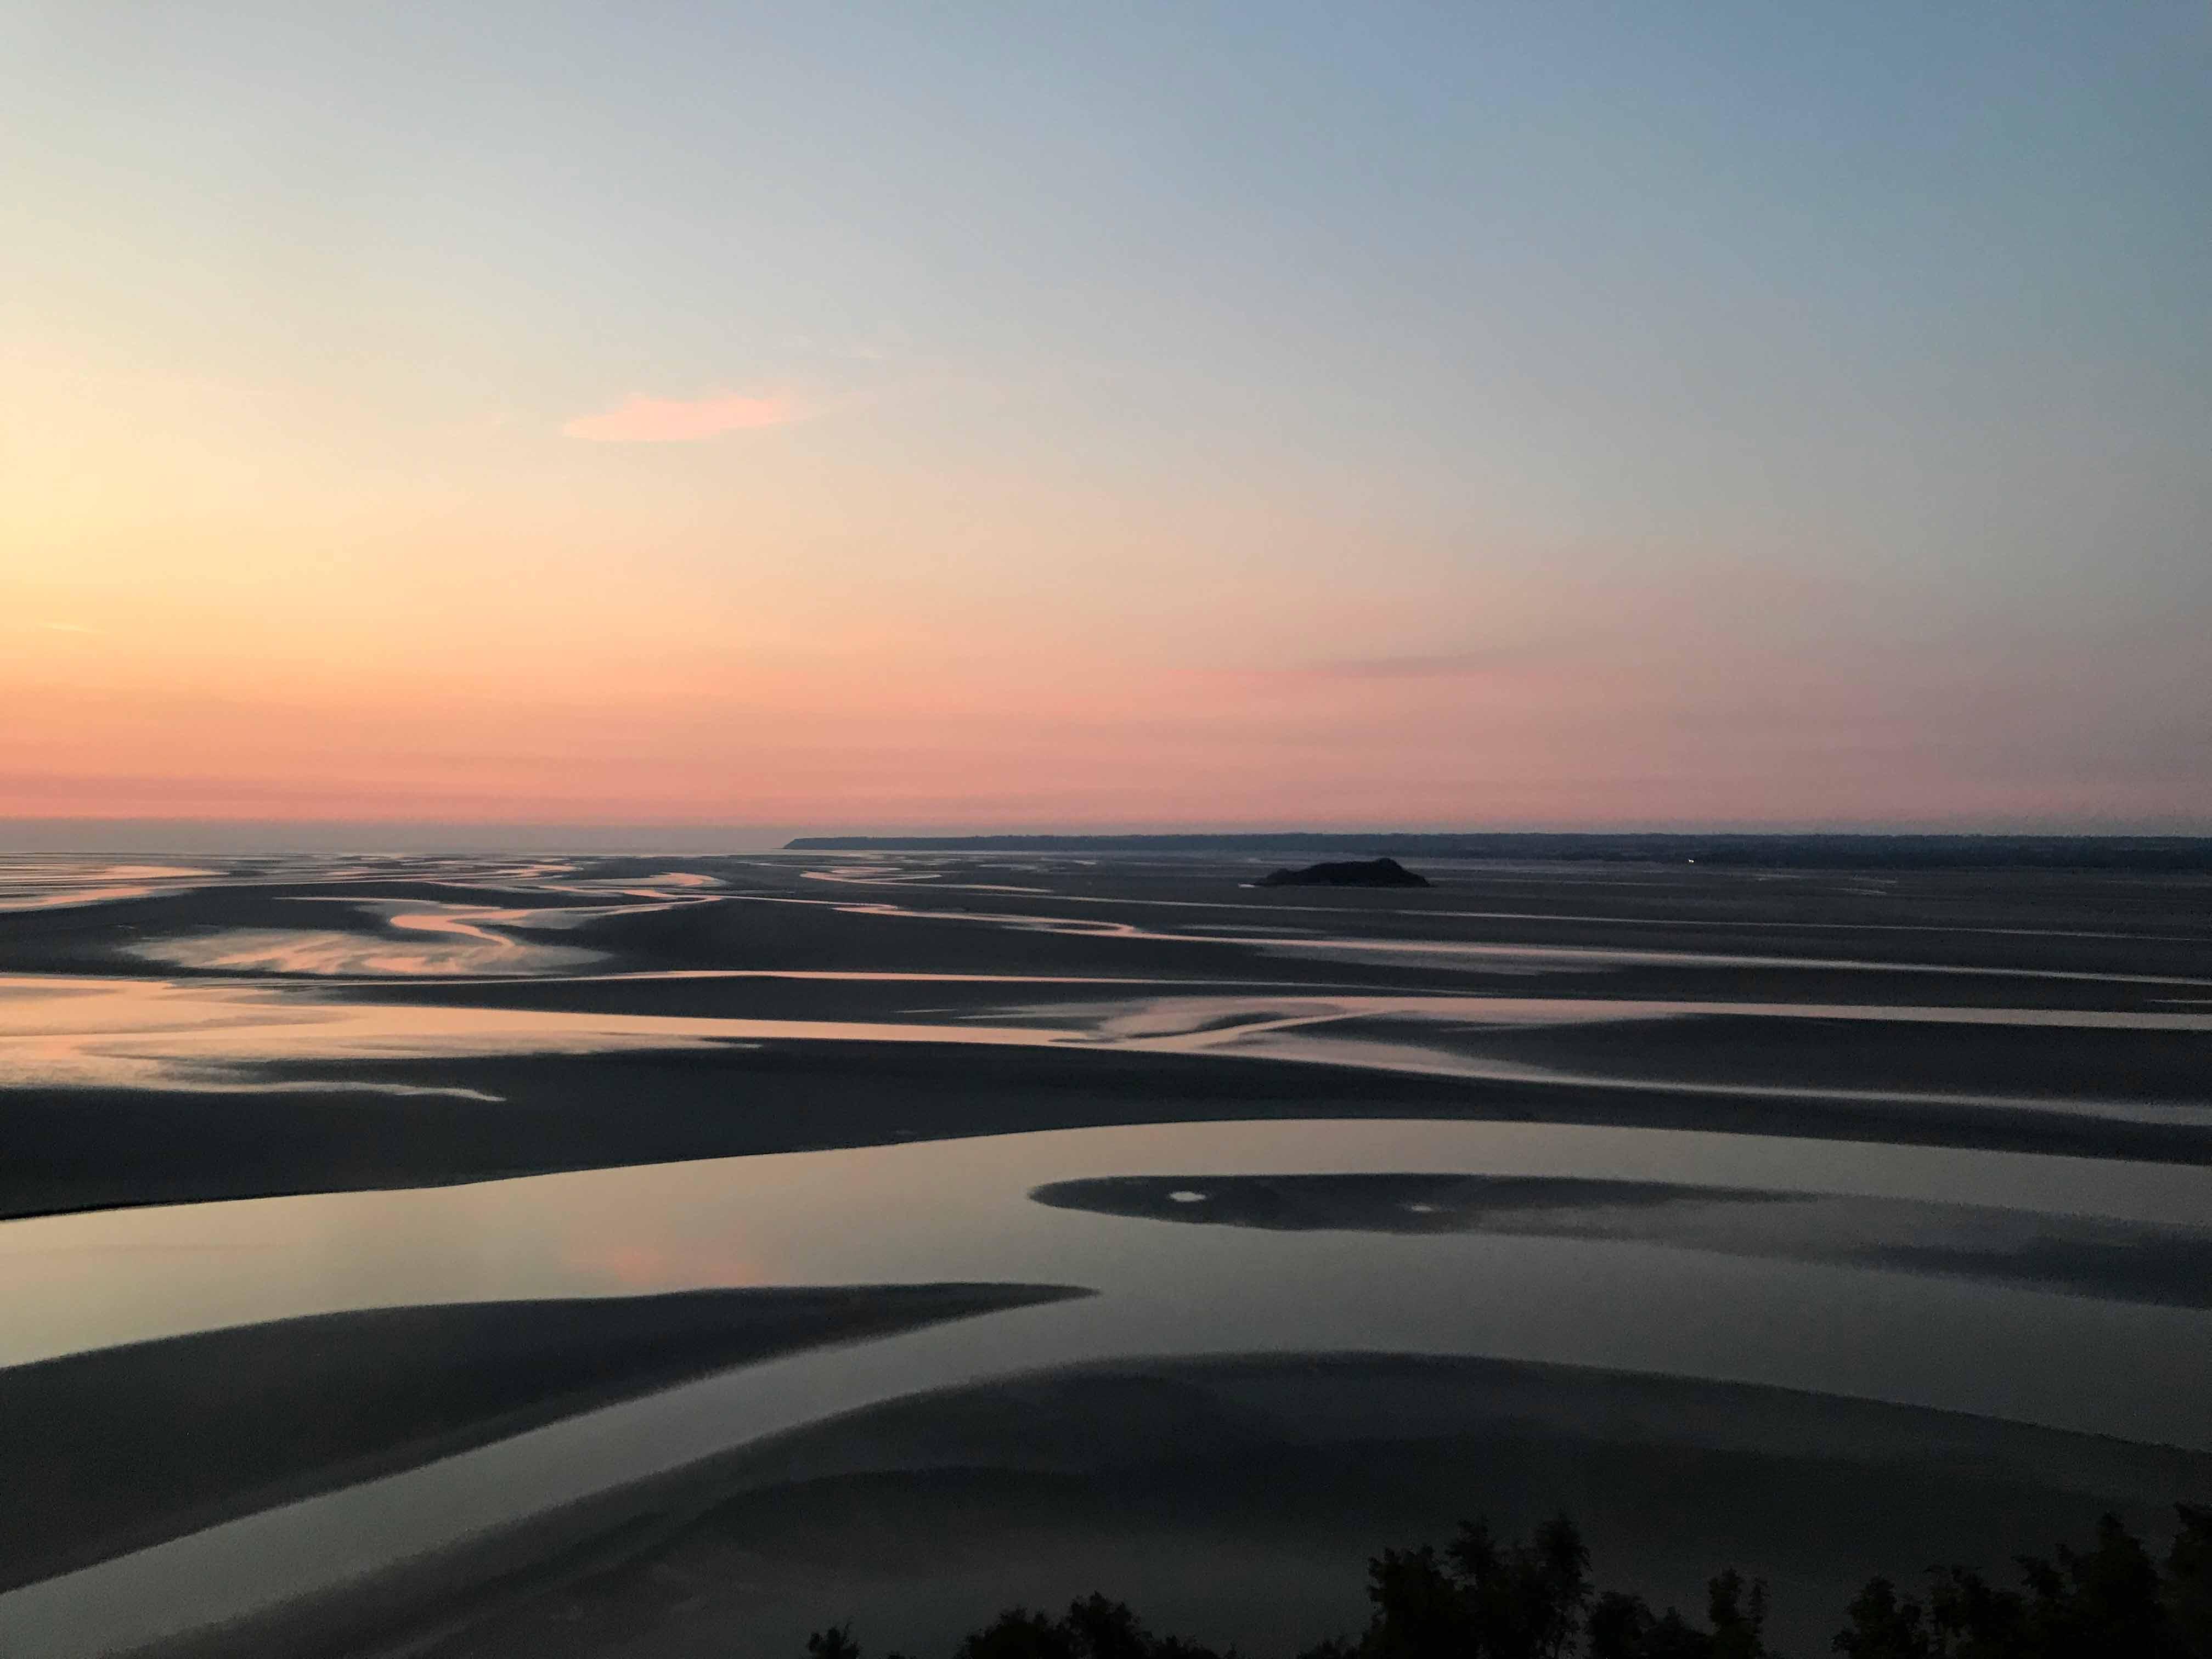 西のテラスから見たモン・サン・ミッシェル湾